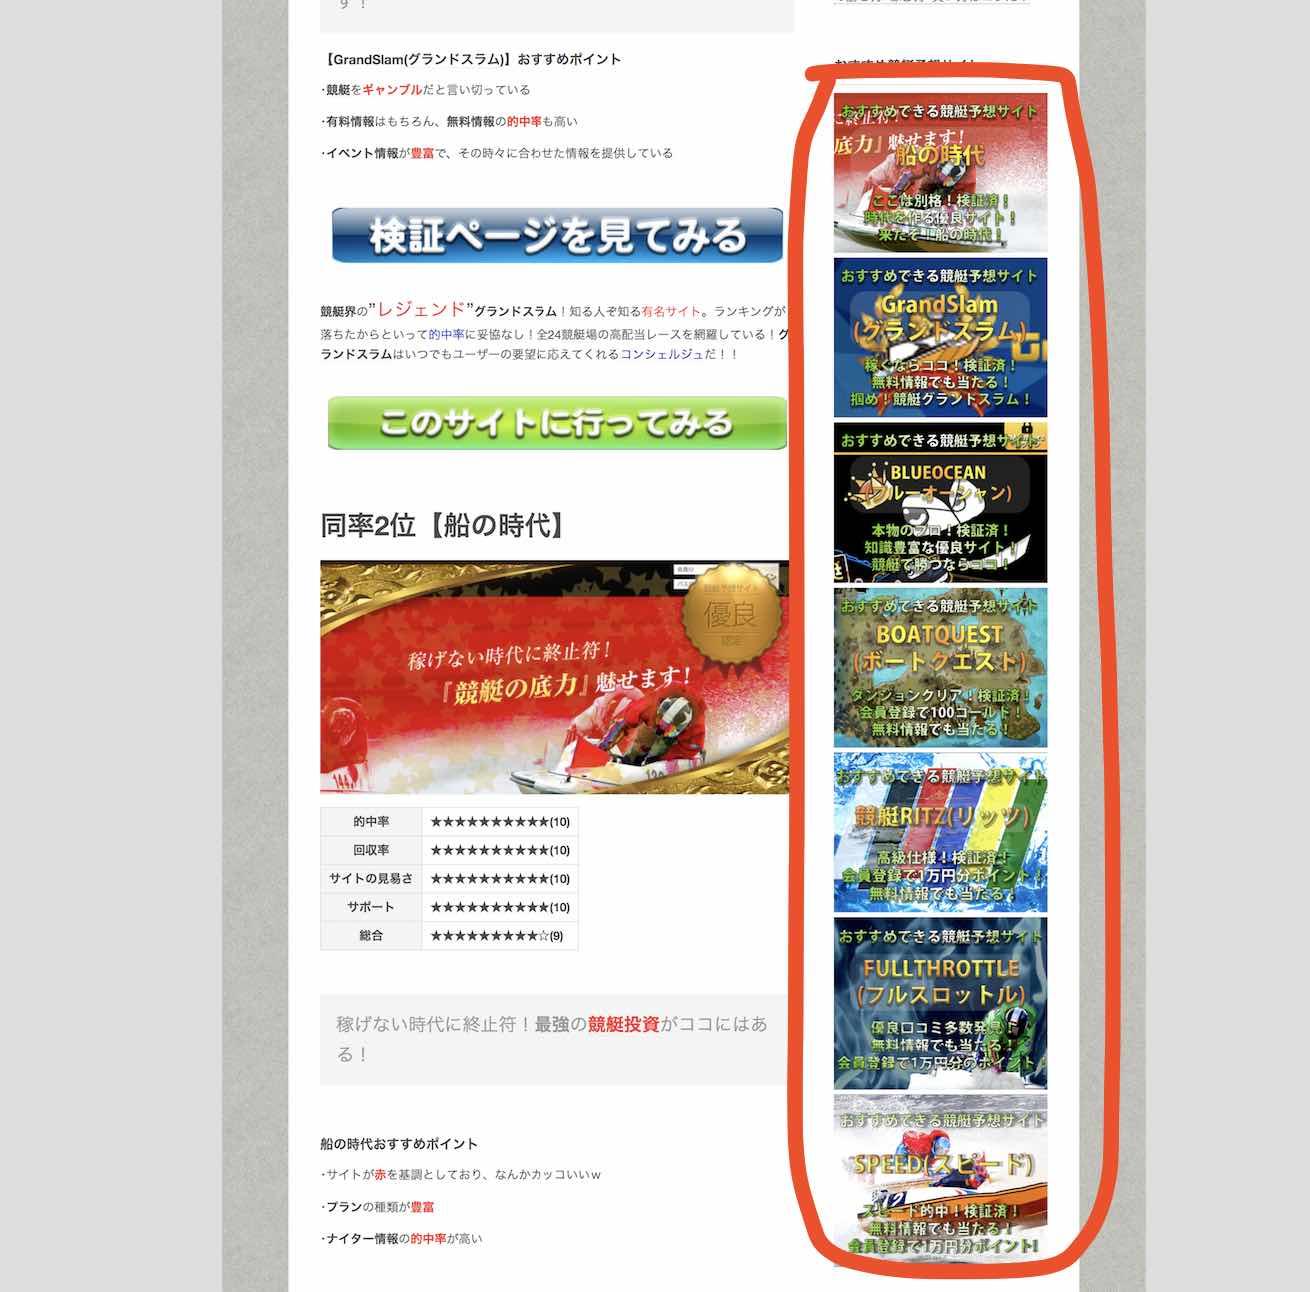 競艇鬼アツ(競艇オニアツ)という競艇予想サイトを推すブログ1段目の推奨サイト